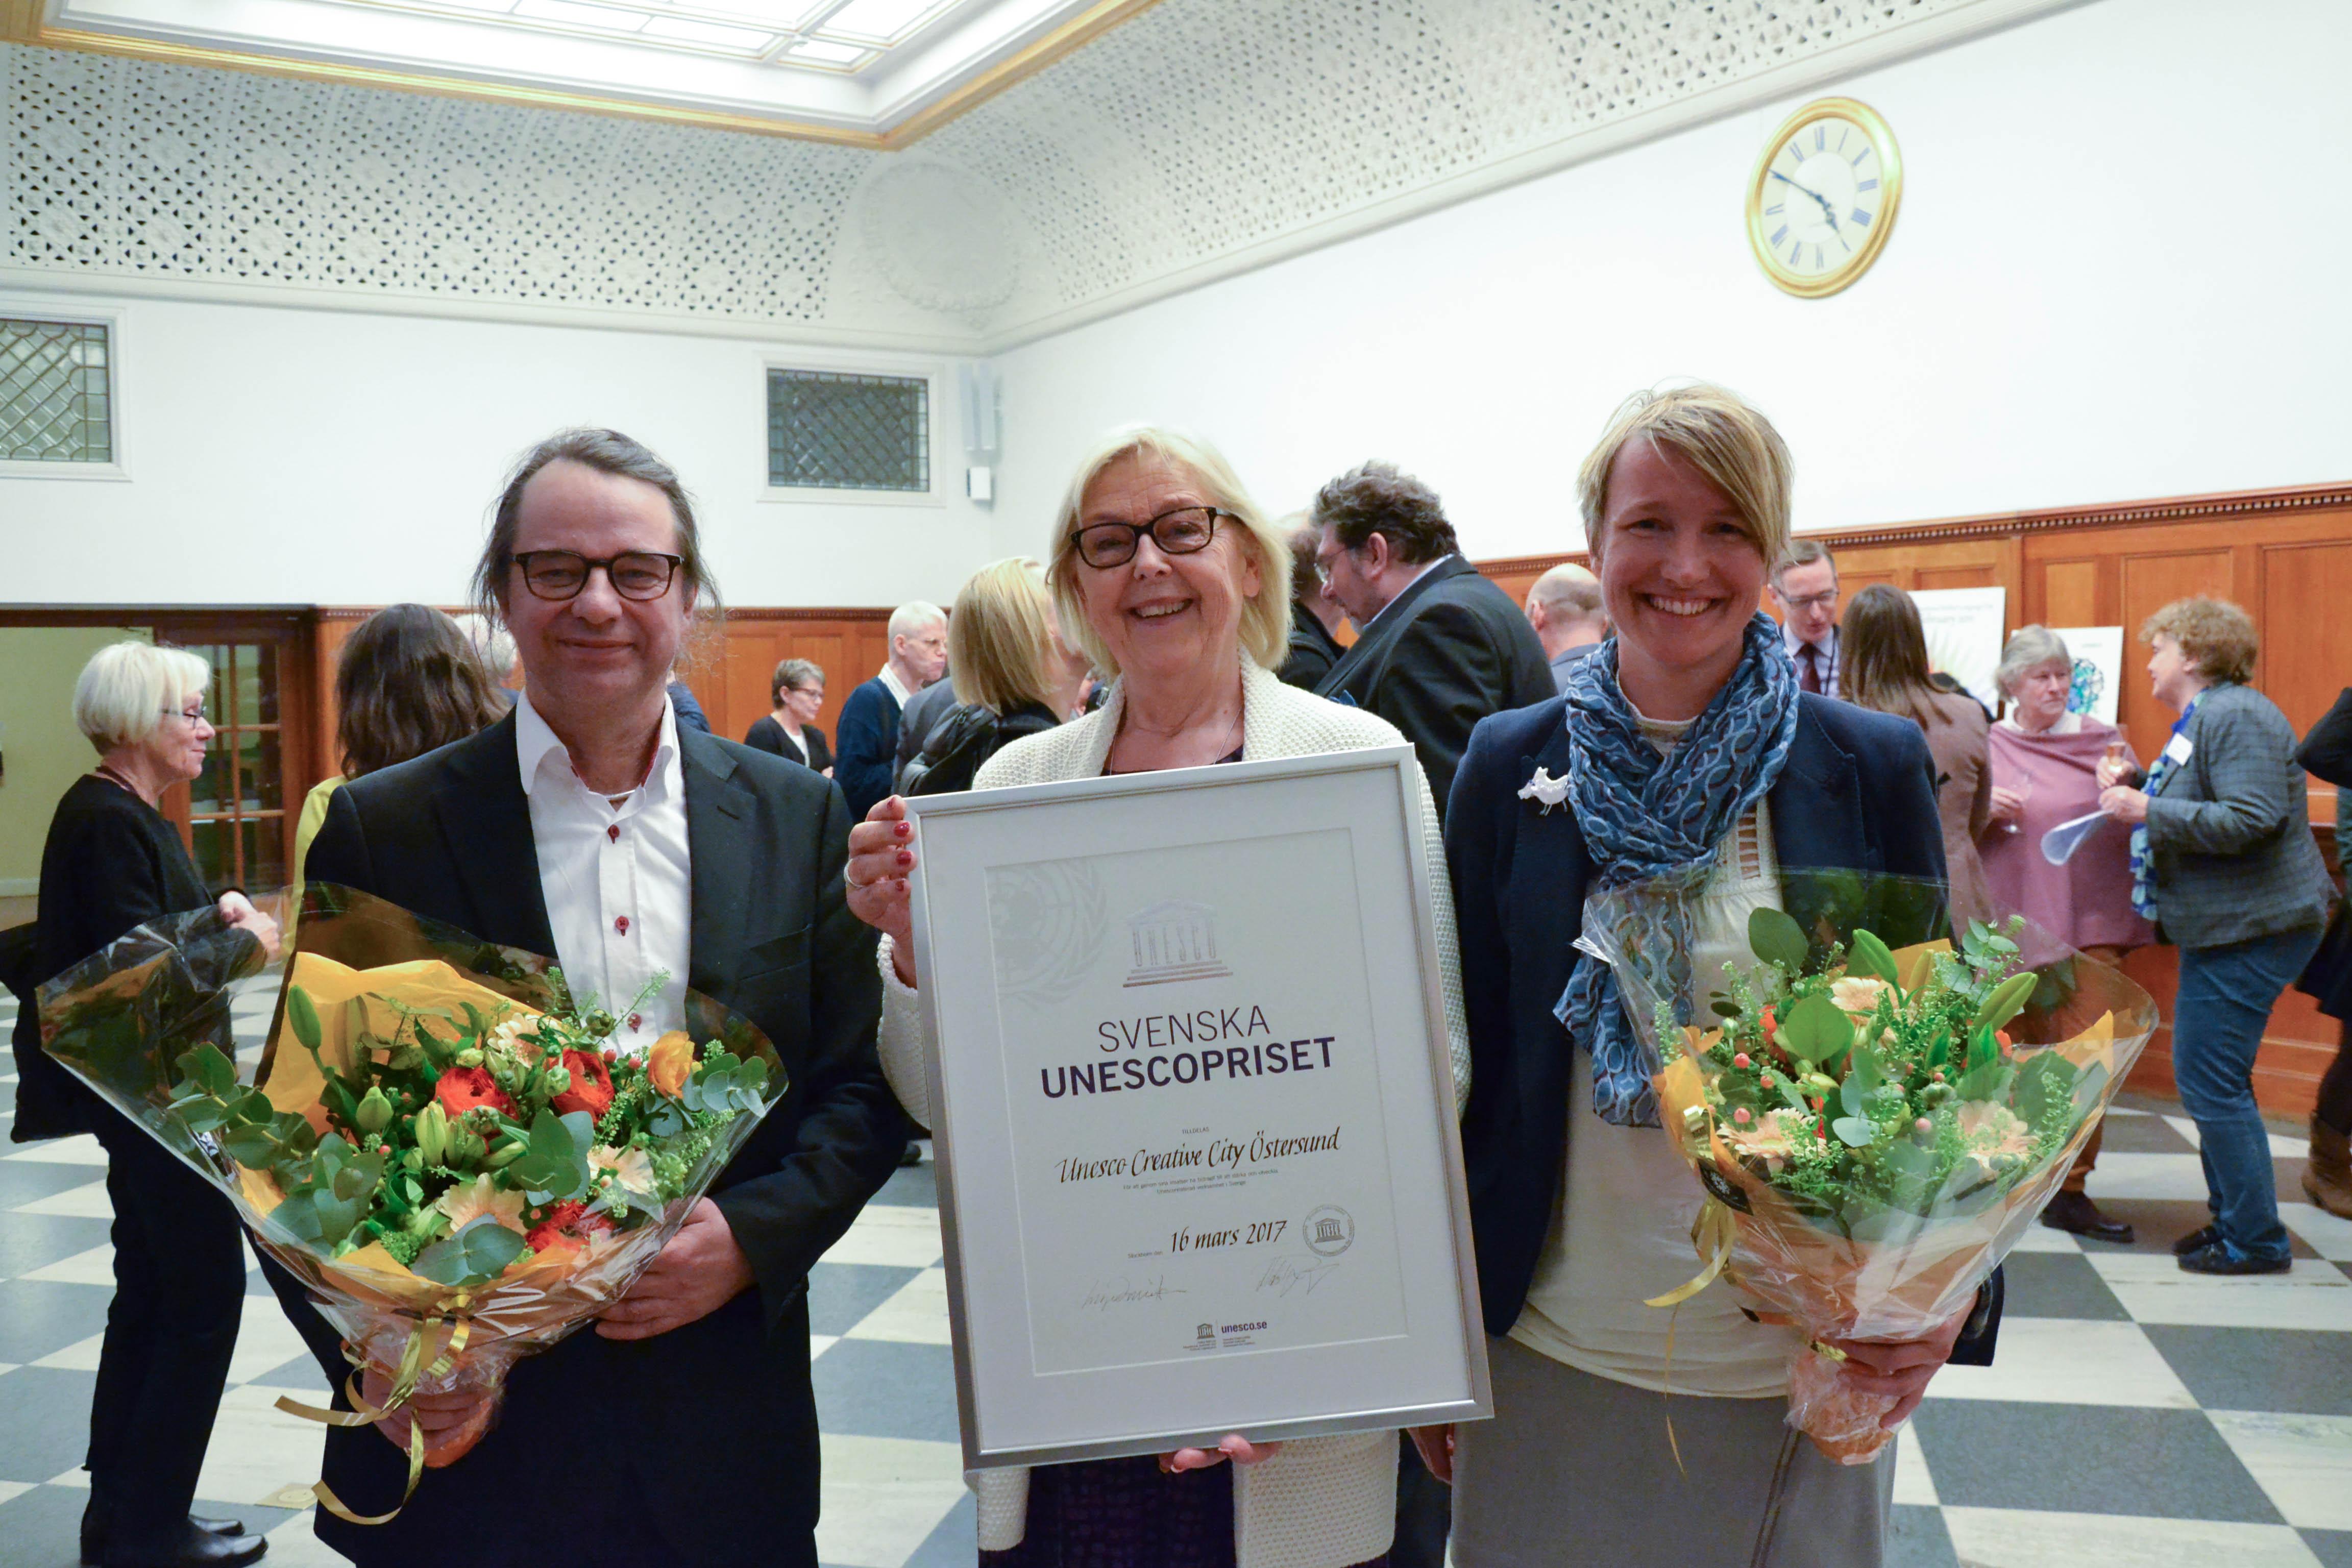 Dag Hartman, vår ordförande Inger Davidsson och Christina Hedin vid det årliga mötet för Unesco-Sverige